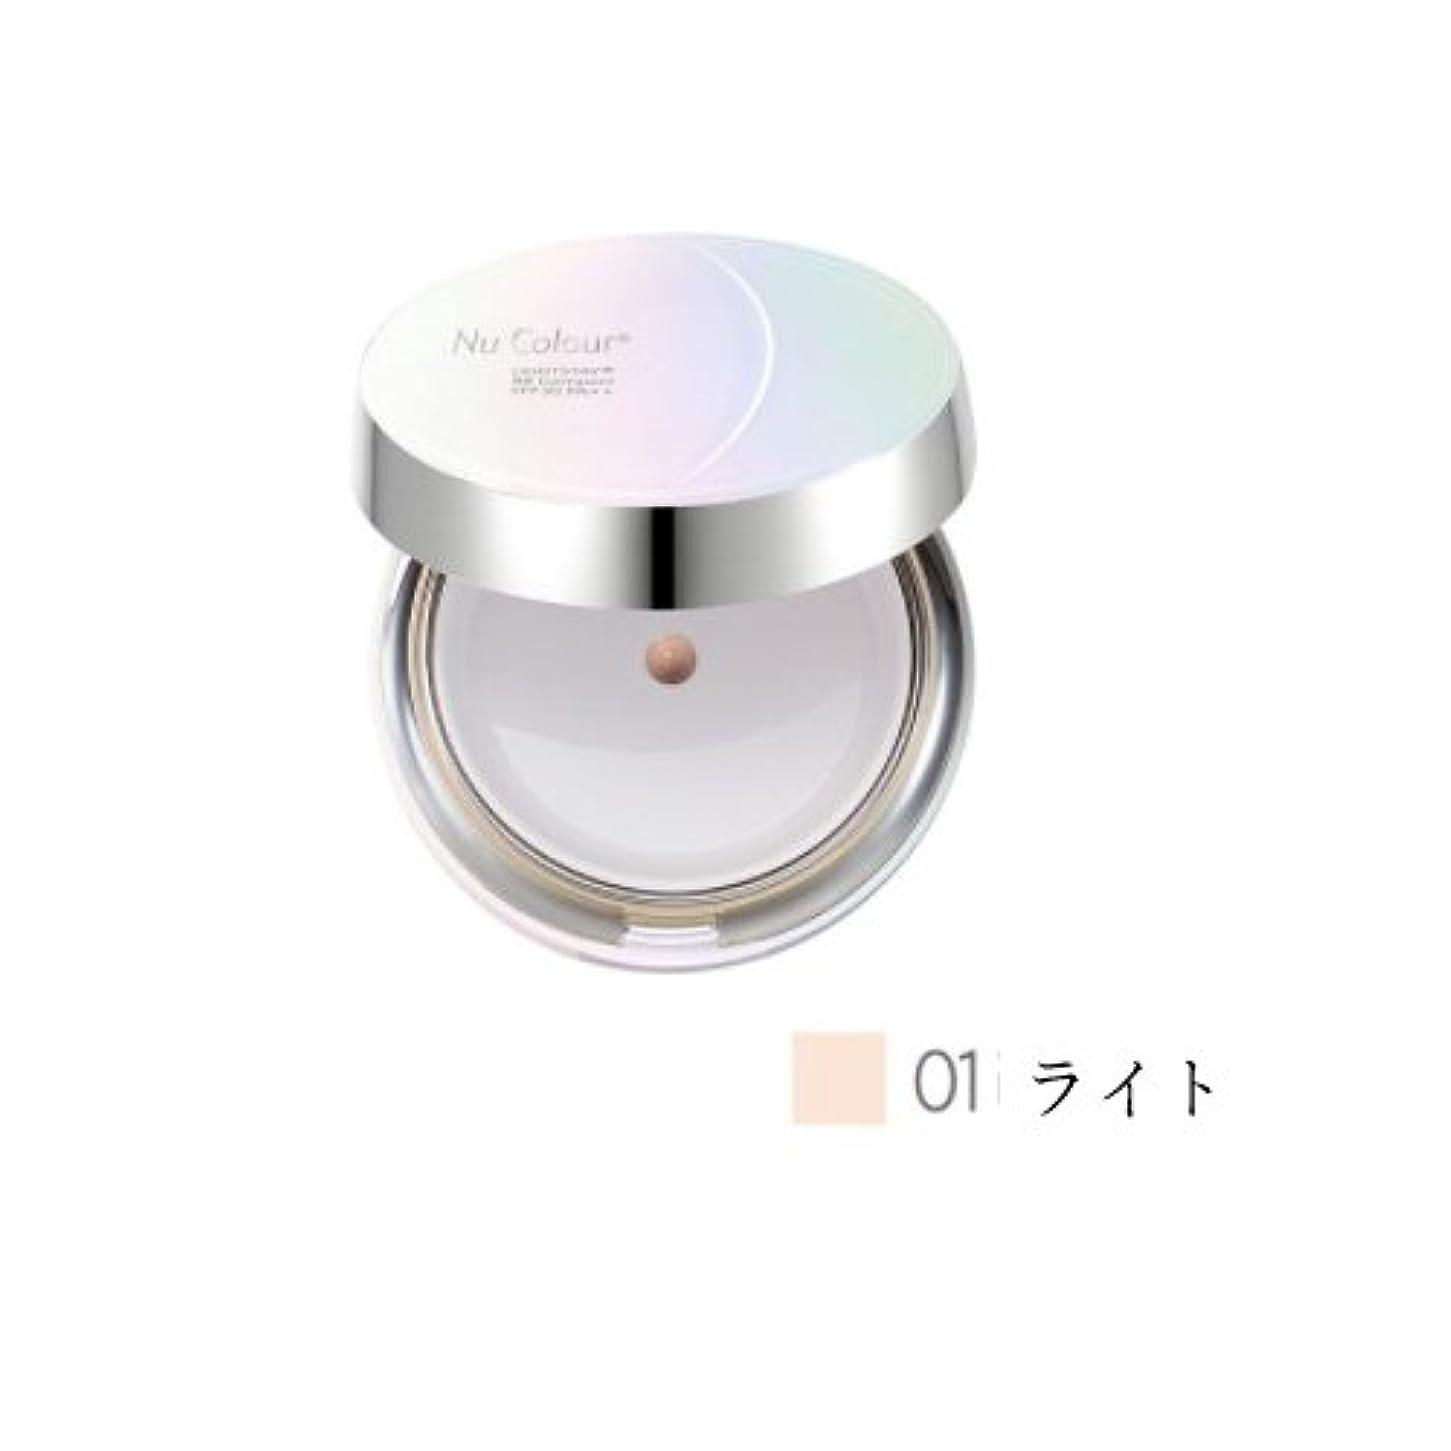 拾うフィルタアッパーニュースキン ライトステイビビコンパクトSPF30 PA++01ライト BB Compact 01 Light [並行輸入品]